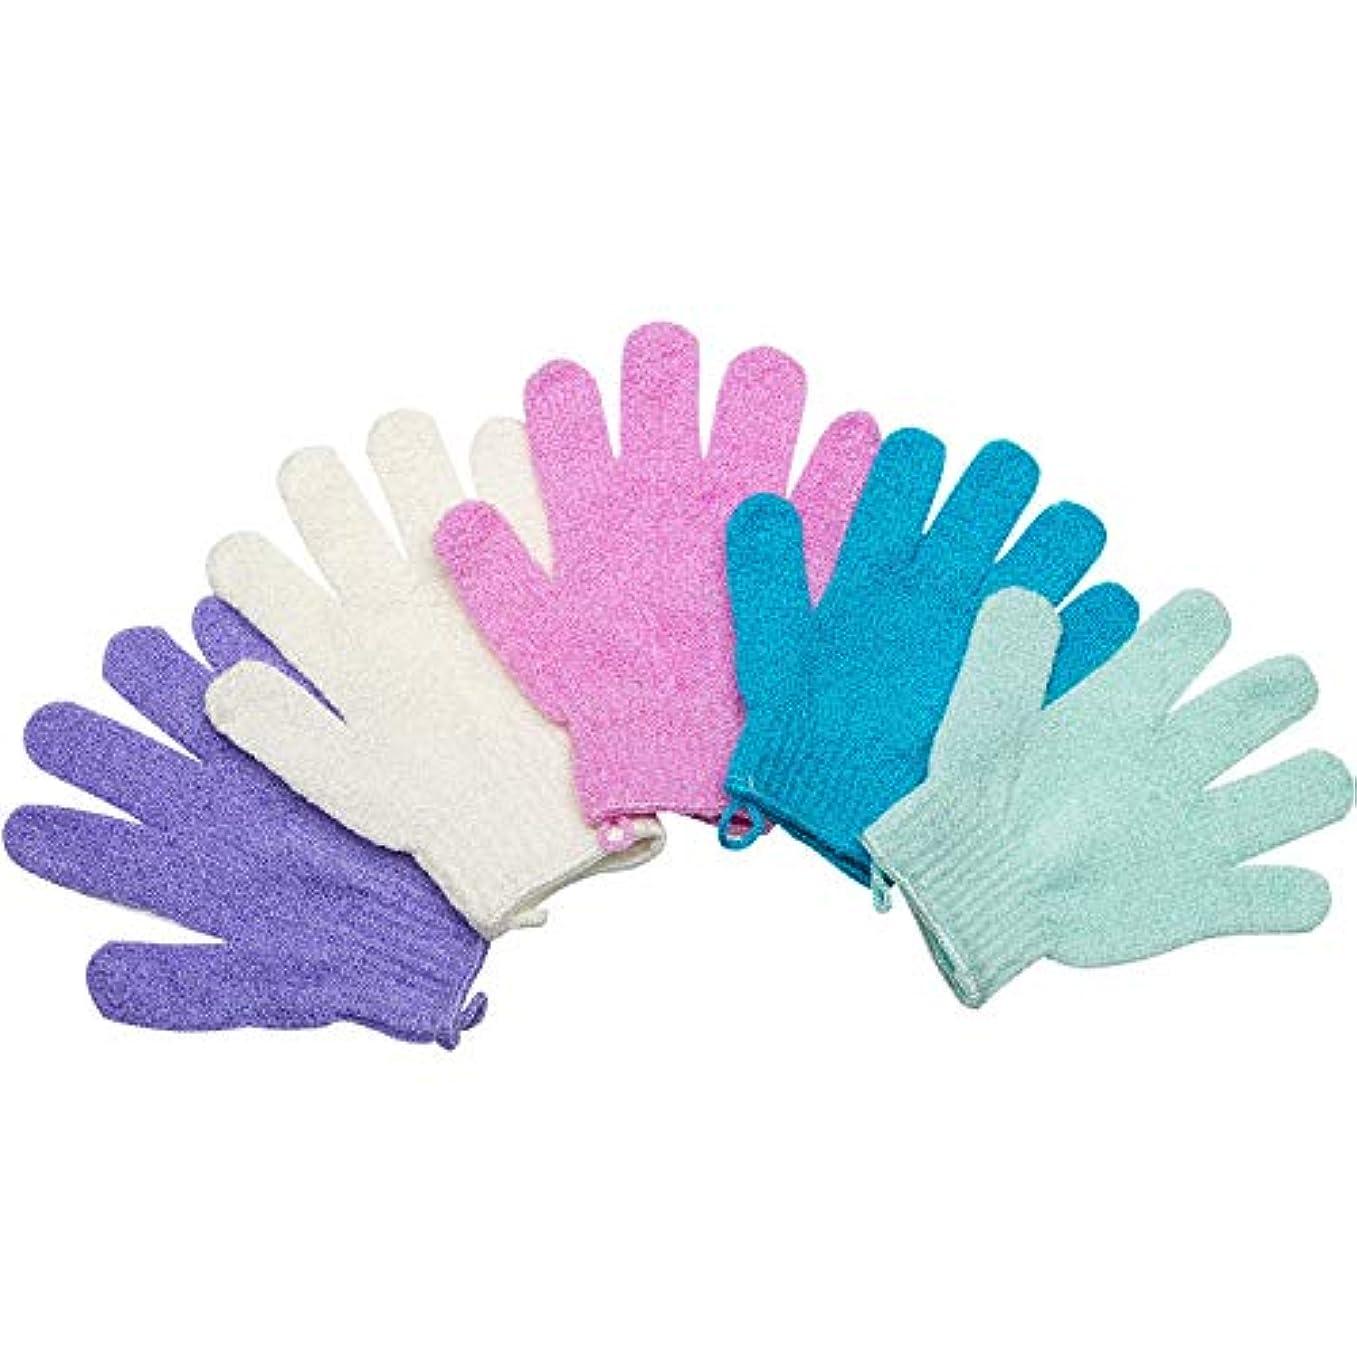 見える名前出撃者5ペアセットお風呂用手袋 入浴用品 垢すり用グローブ 抗菌加工 角質除去 泡立ち 男女兼用 便利なループ付け